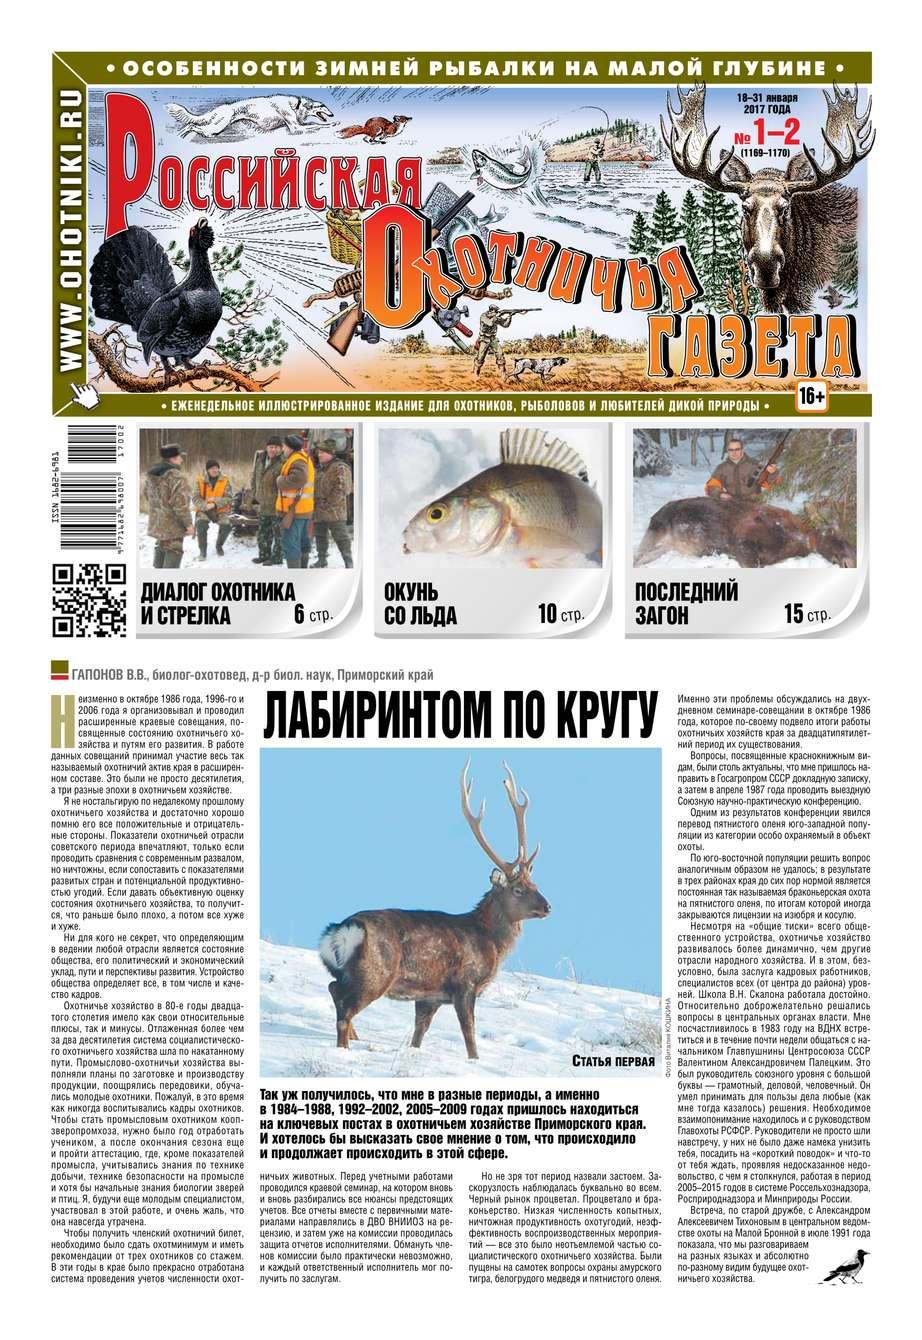 Редакция газеты Российская Охотничья Газета Российская Охотничья Газета 01-02-2017